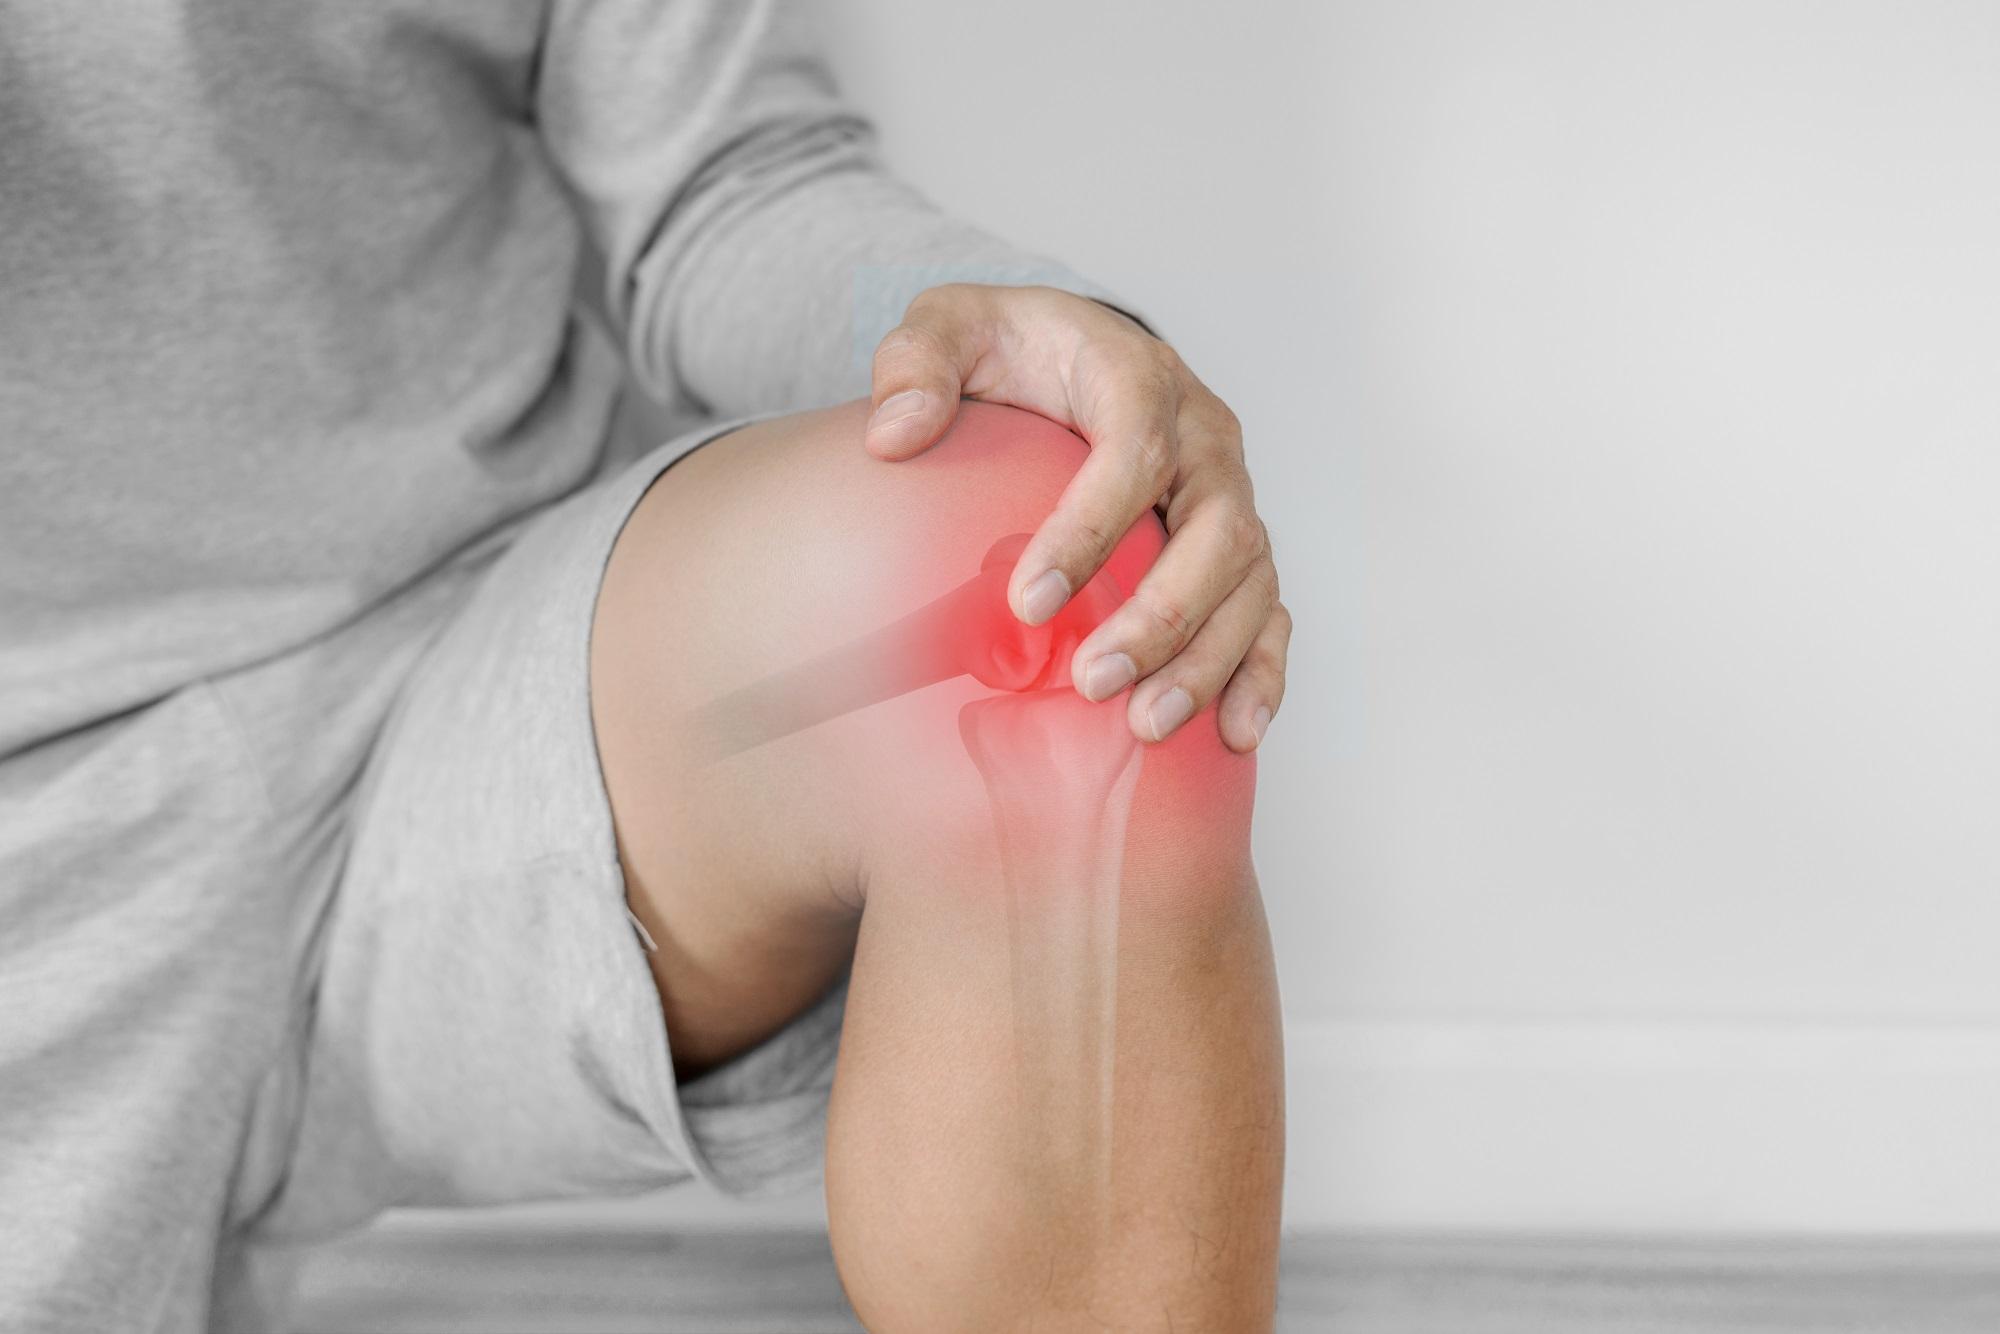 liaudies būdai gydyti pėdų sąnarius karminę priežastys sąnarių ligų